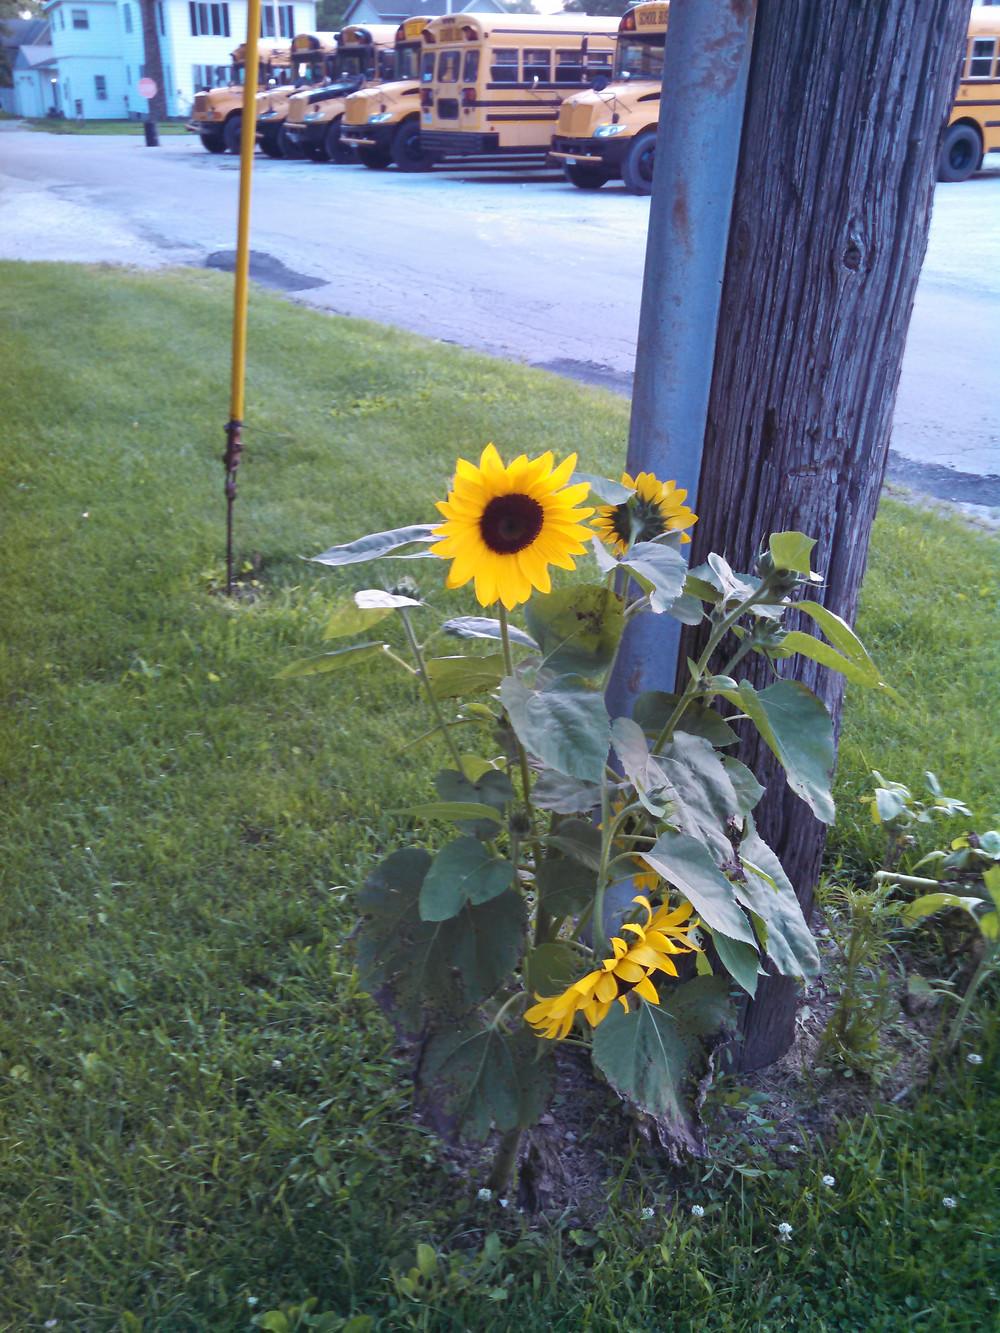 sunflowersbuses07-02-15.jpg